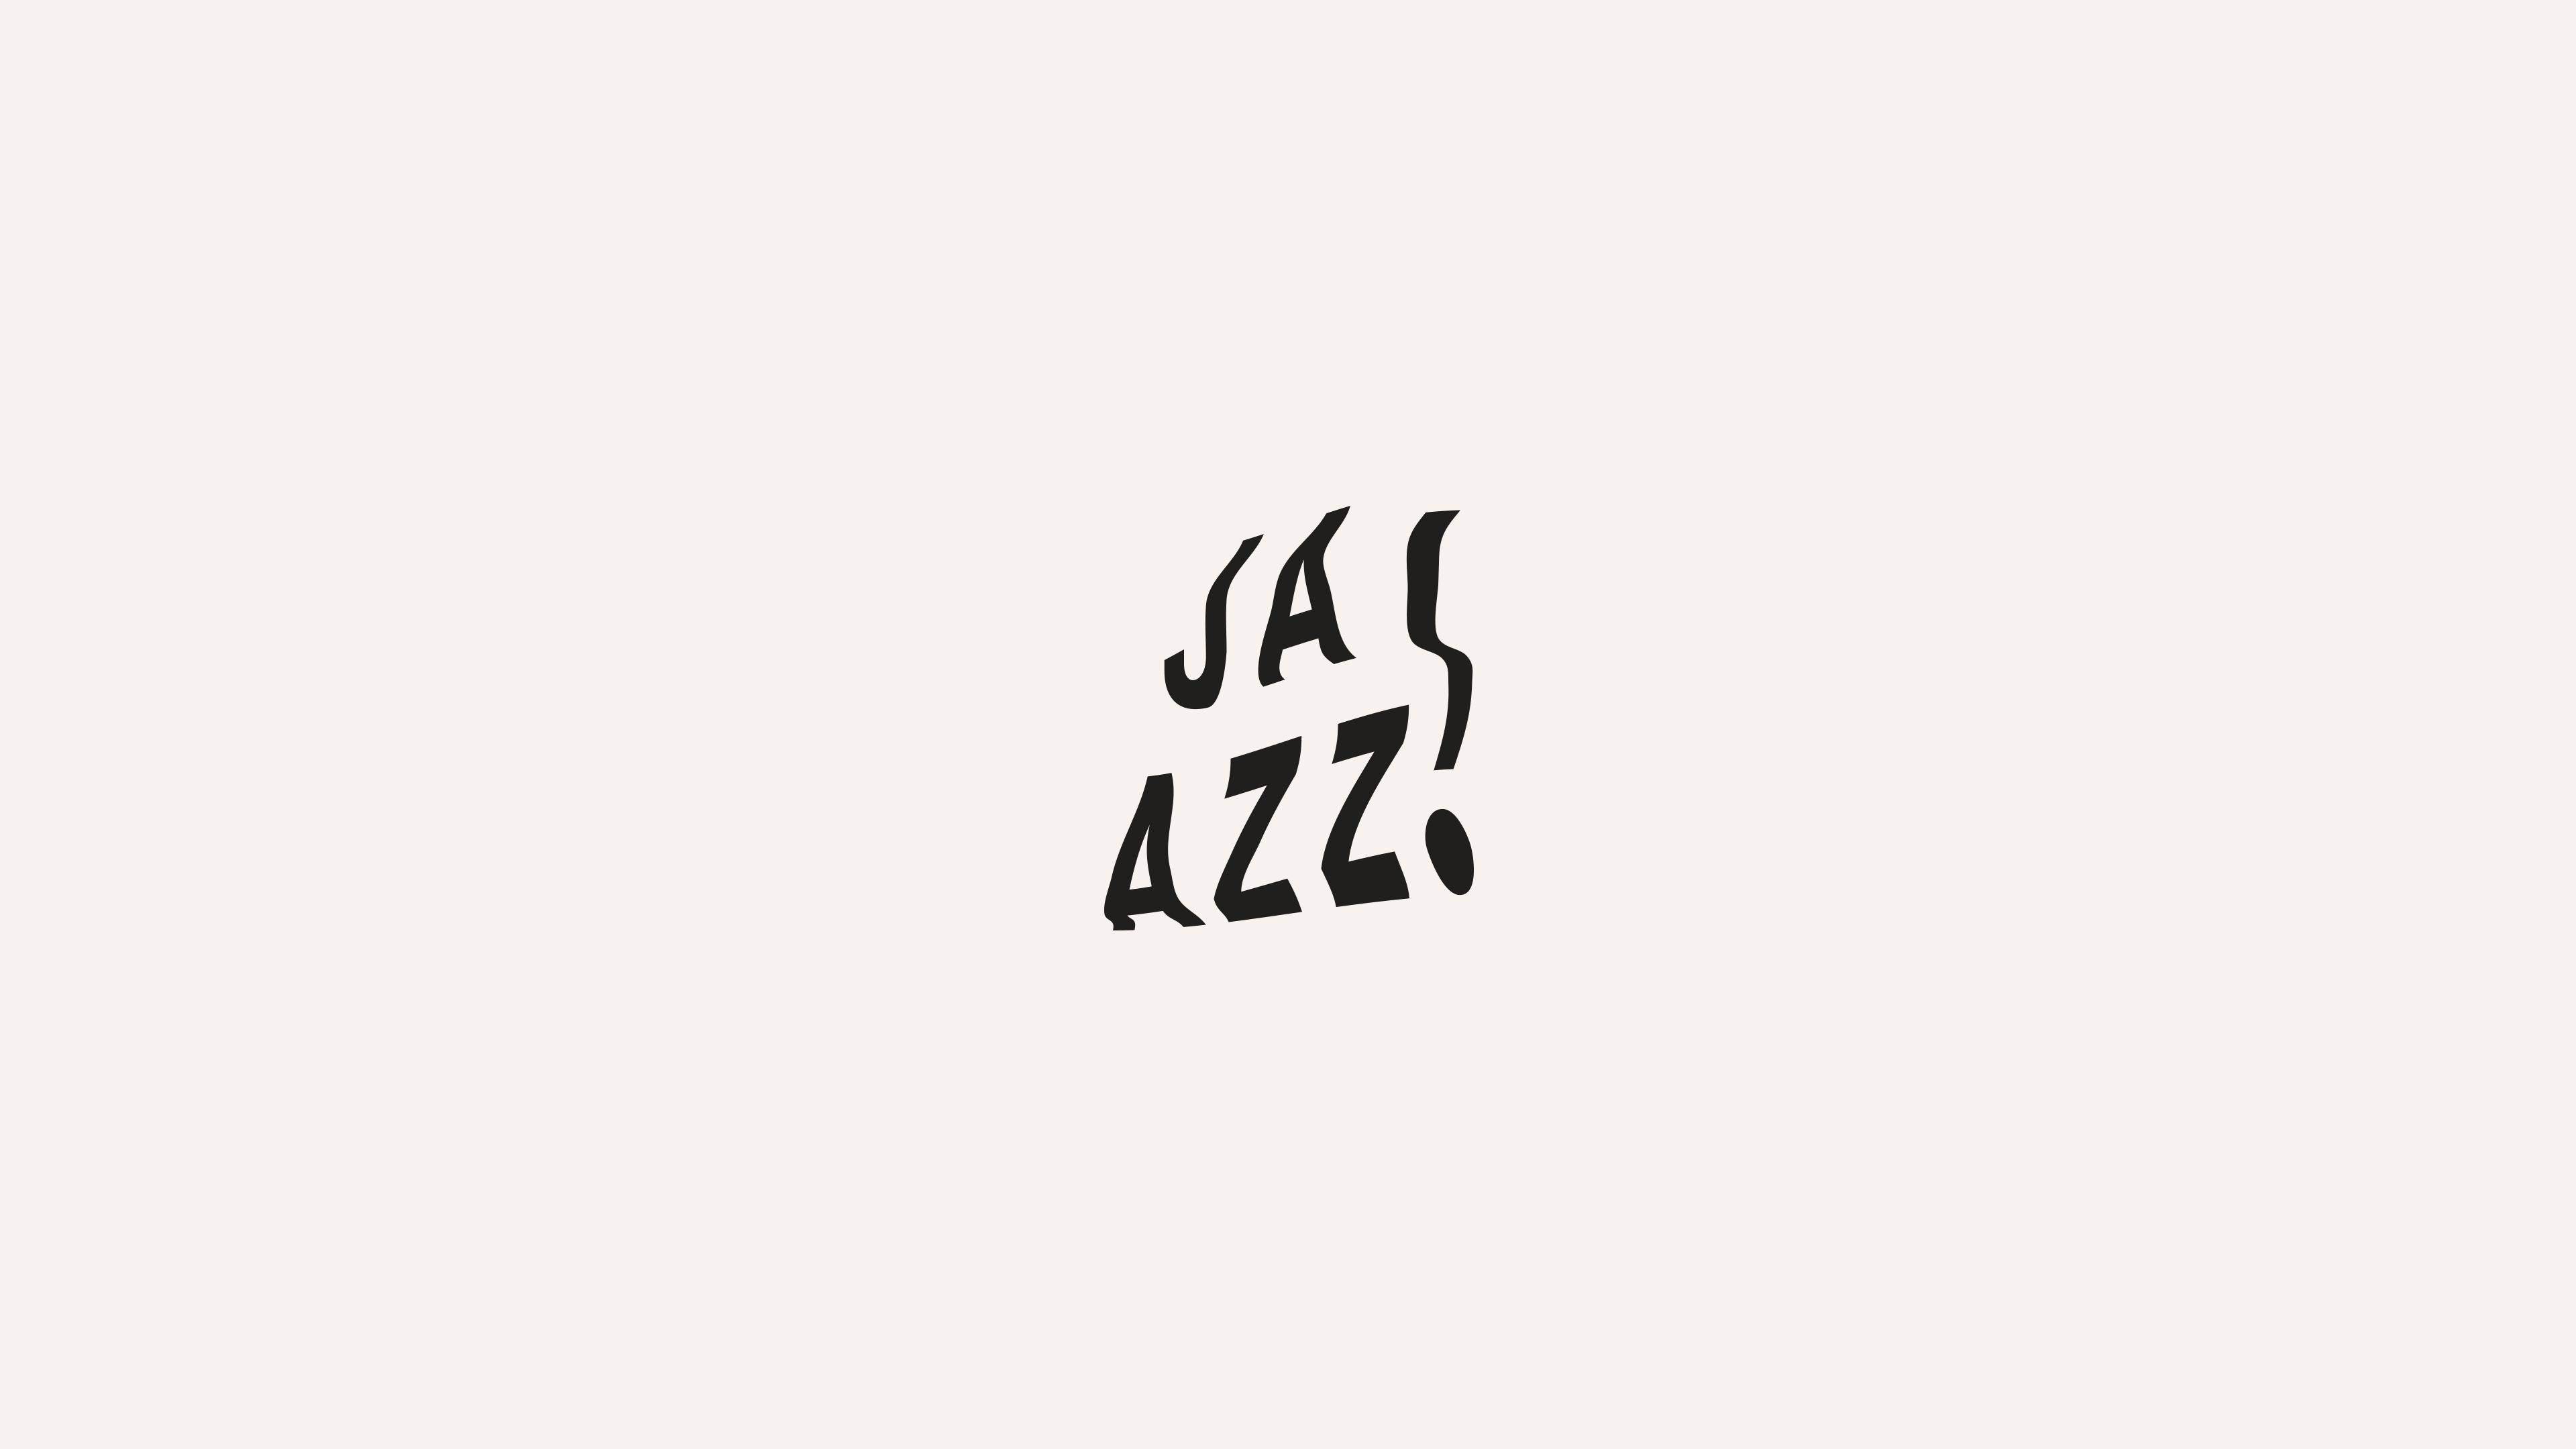 Ja Azz logo